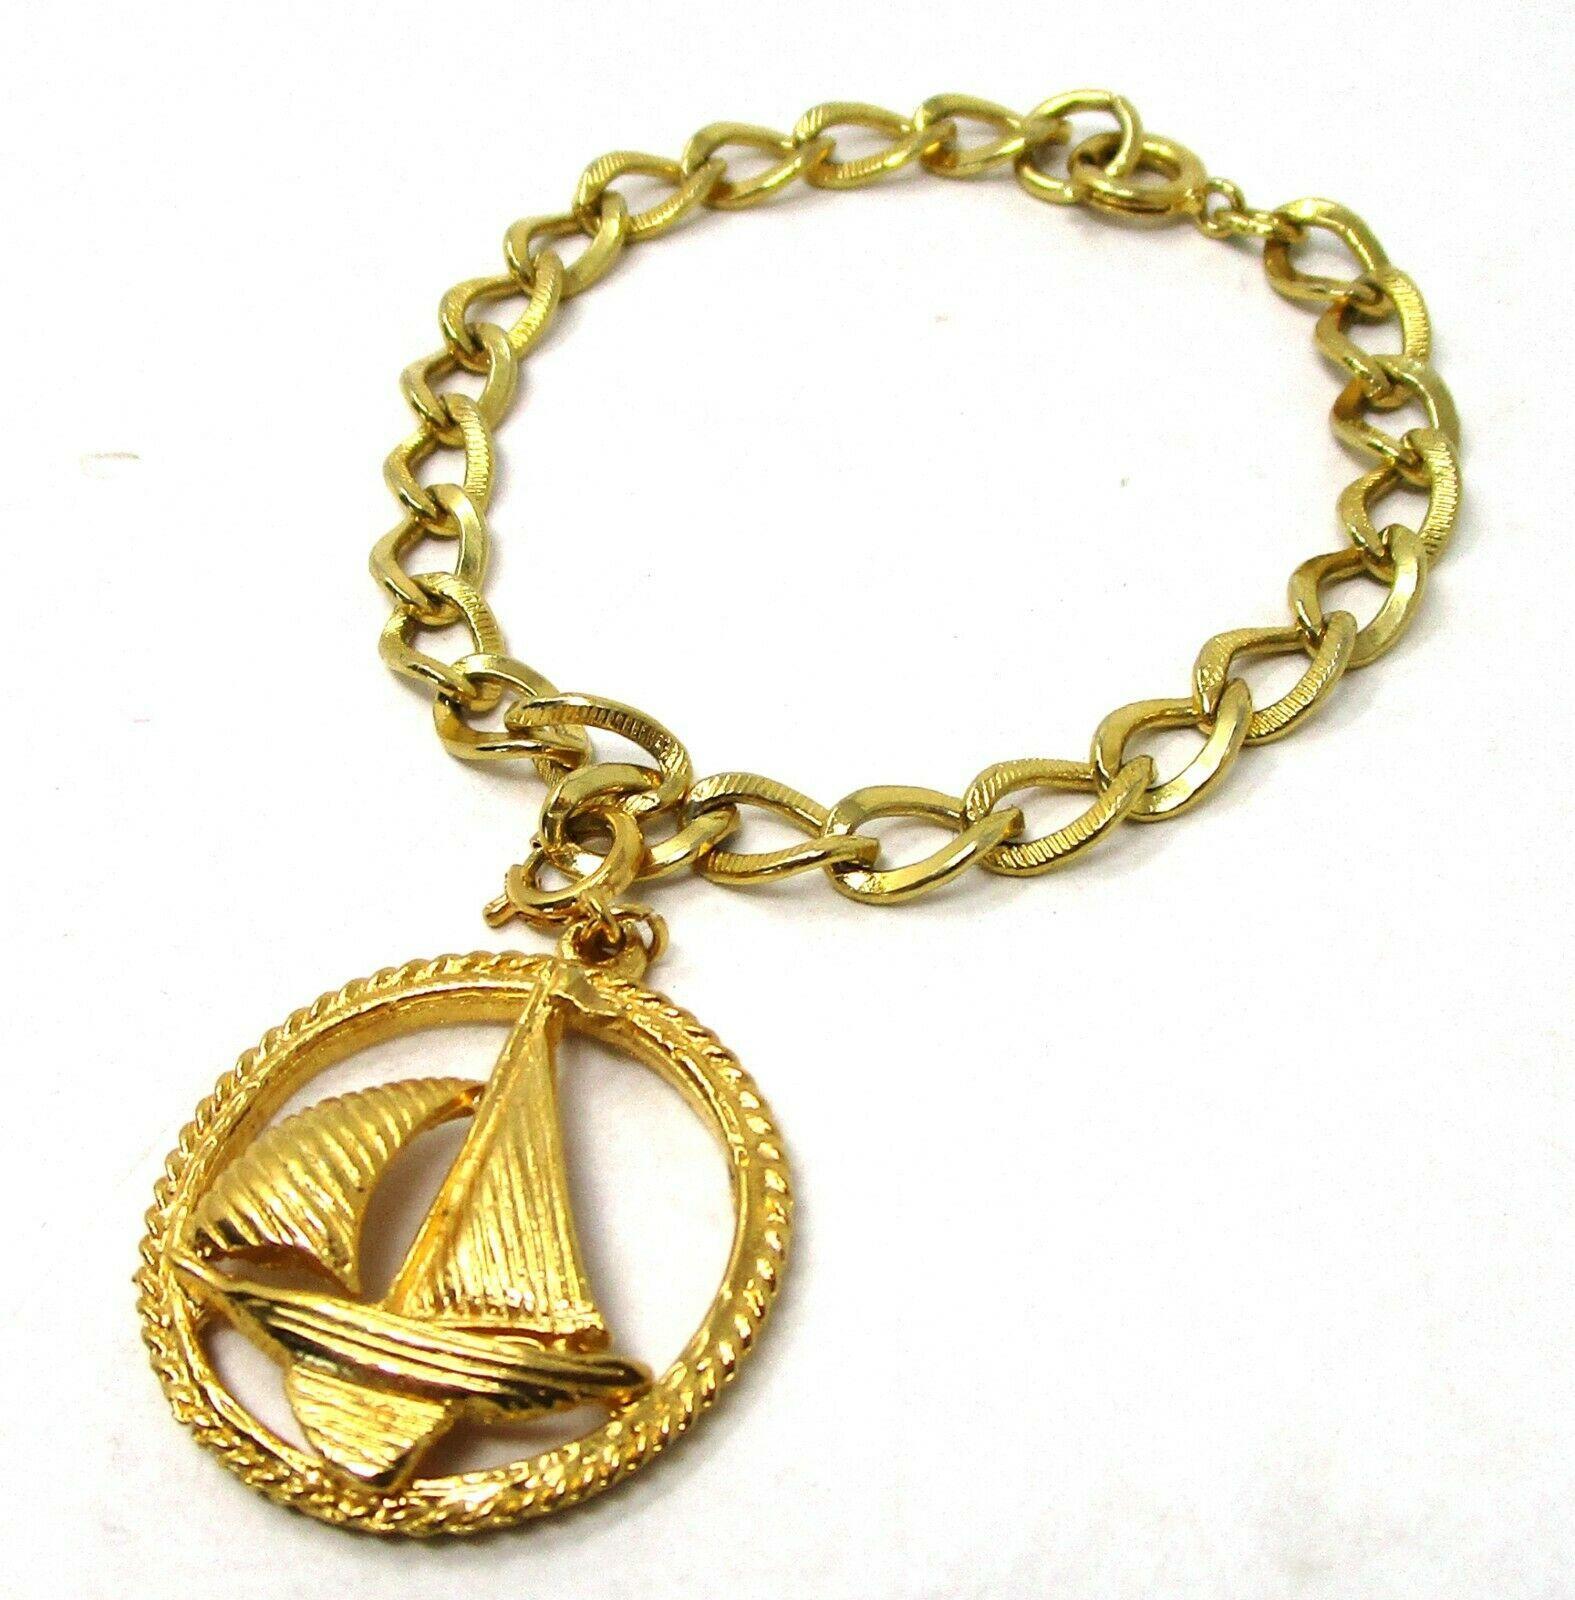 Vintage Roget Germany Charm Bracelet Sloop Sailing Sailboat Gold Tone - $39.60